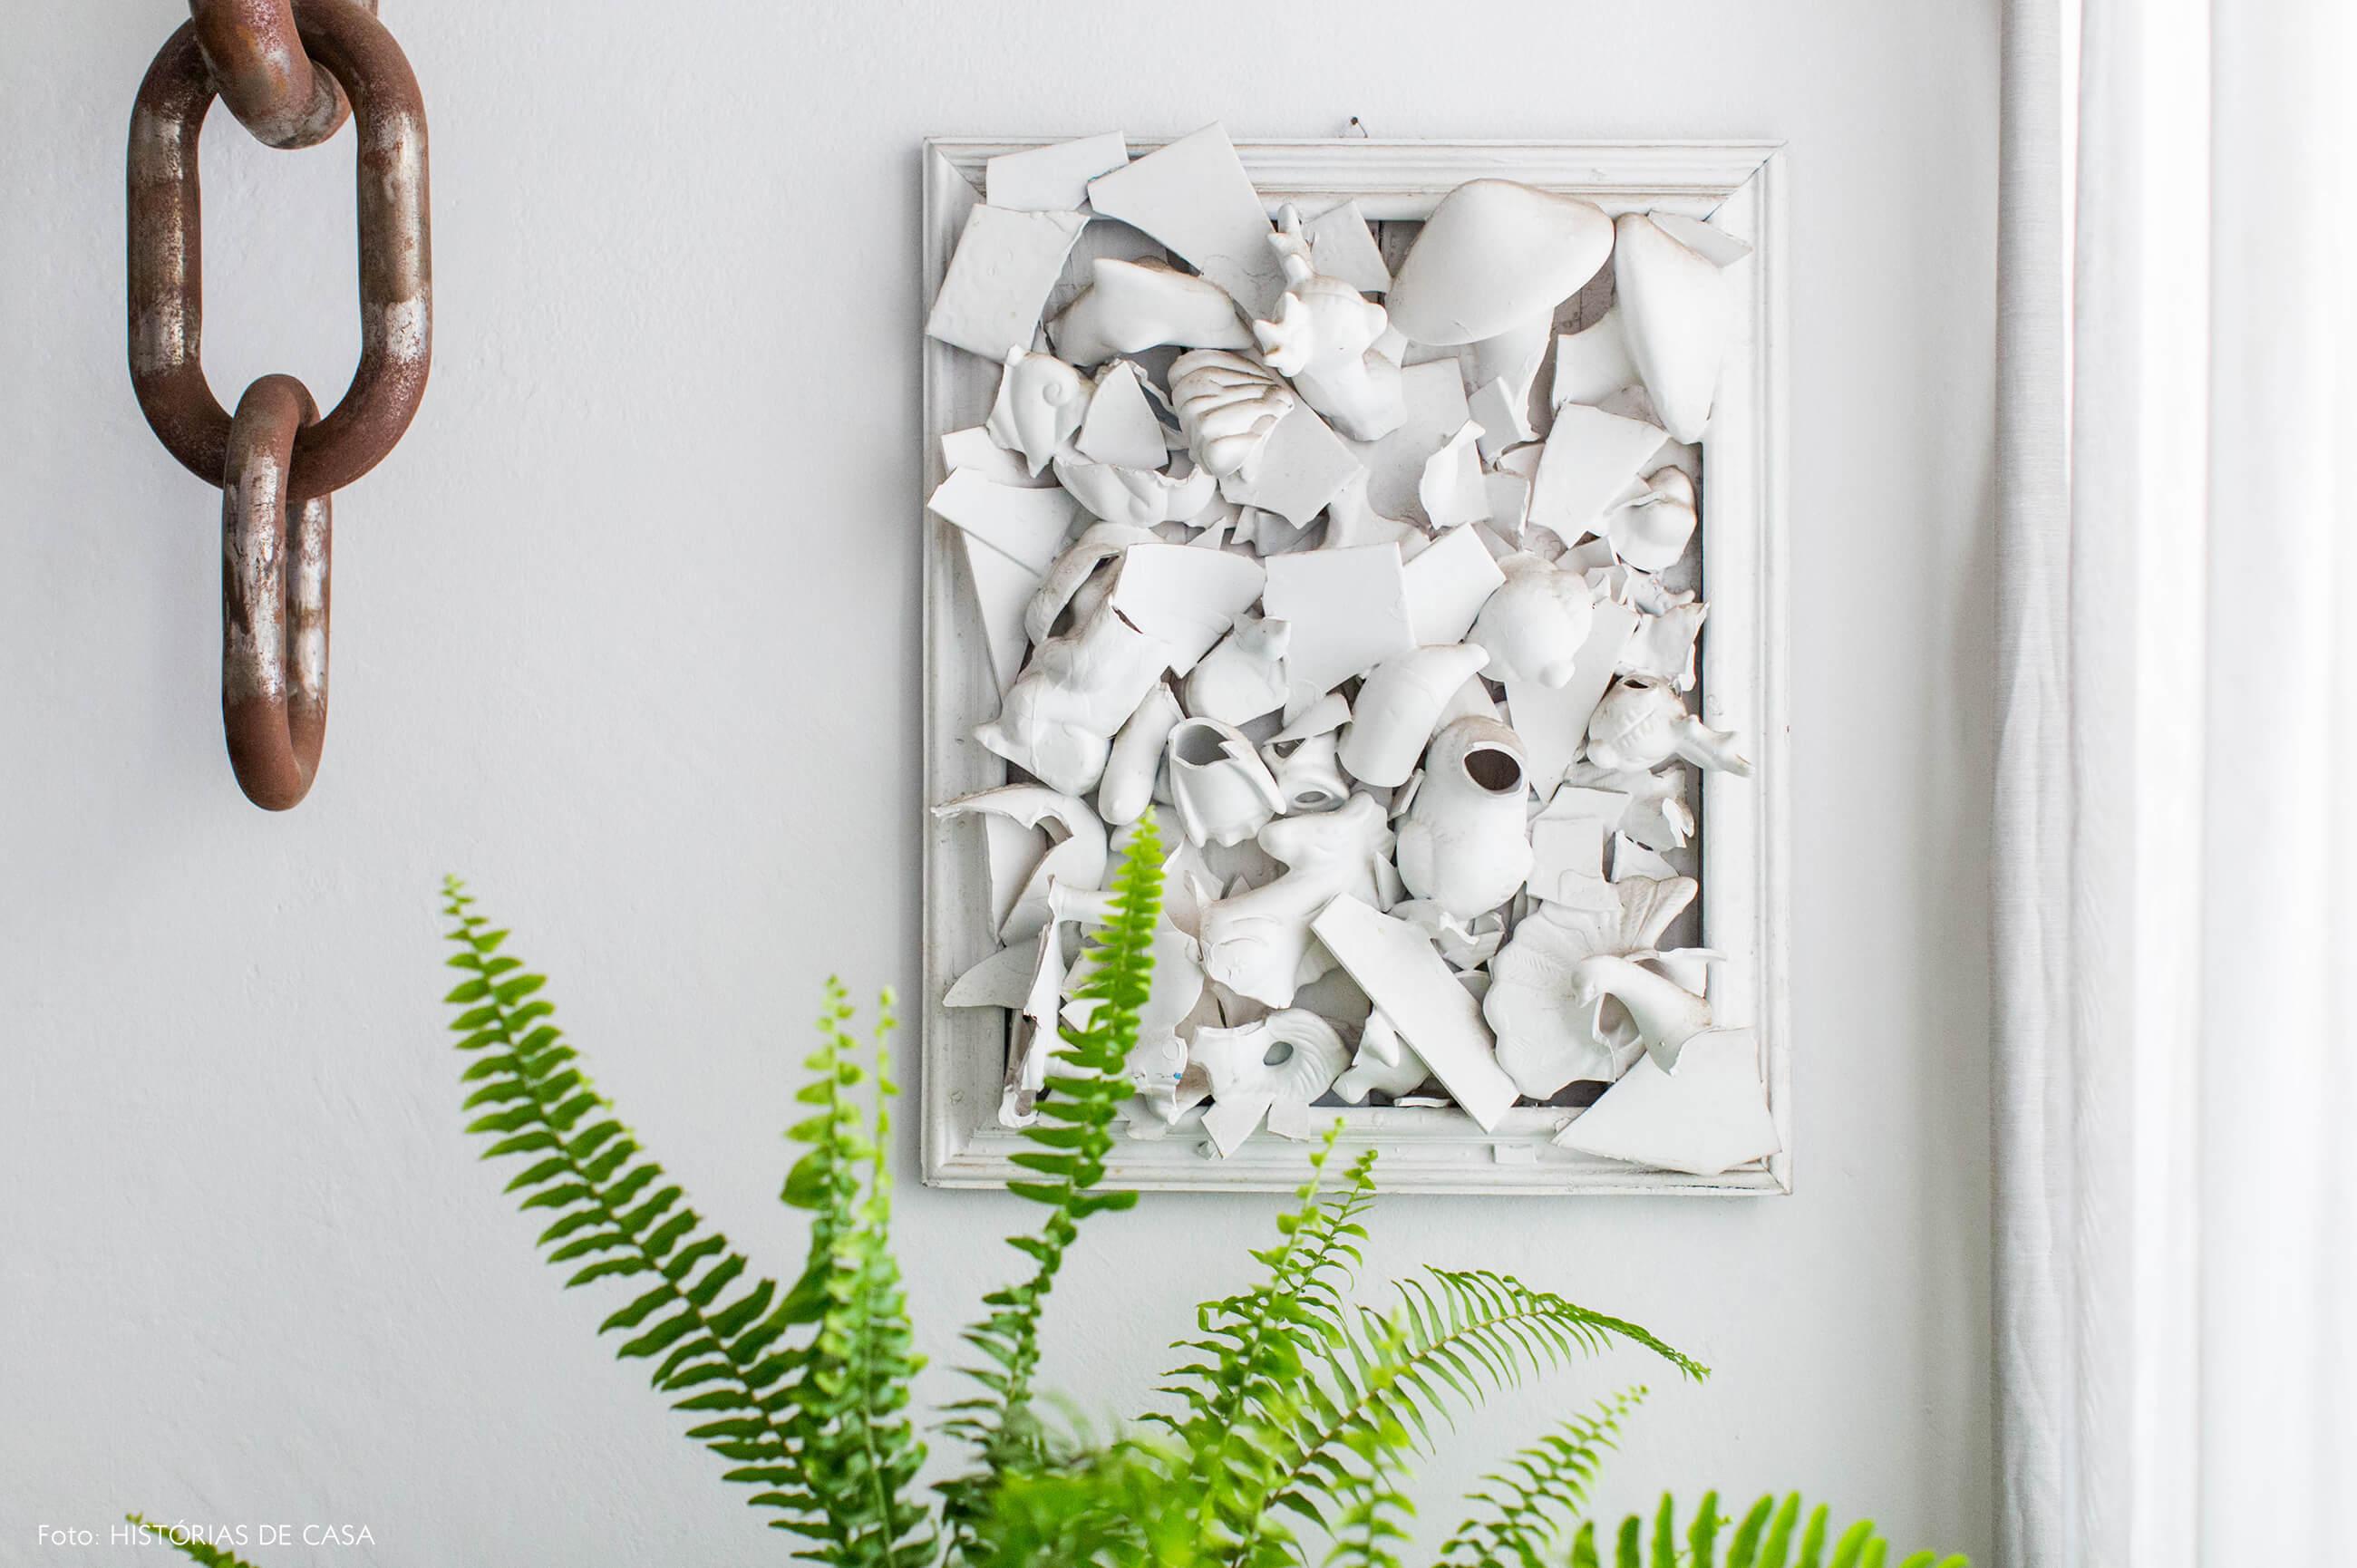 Obra de arte com peças brancas